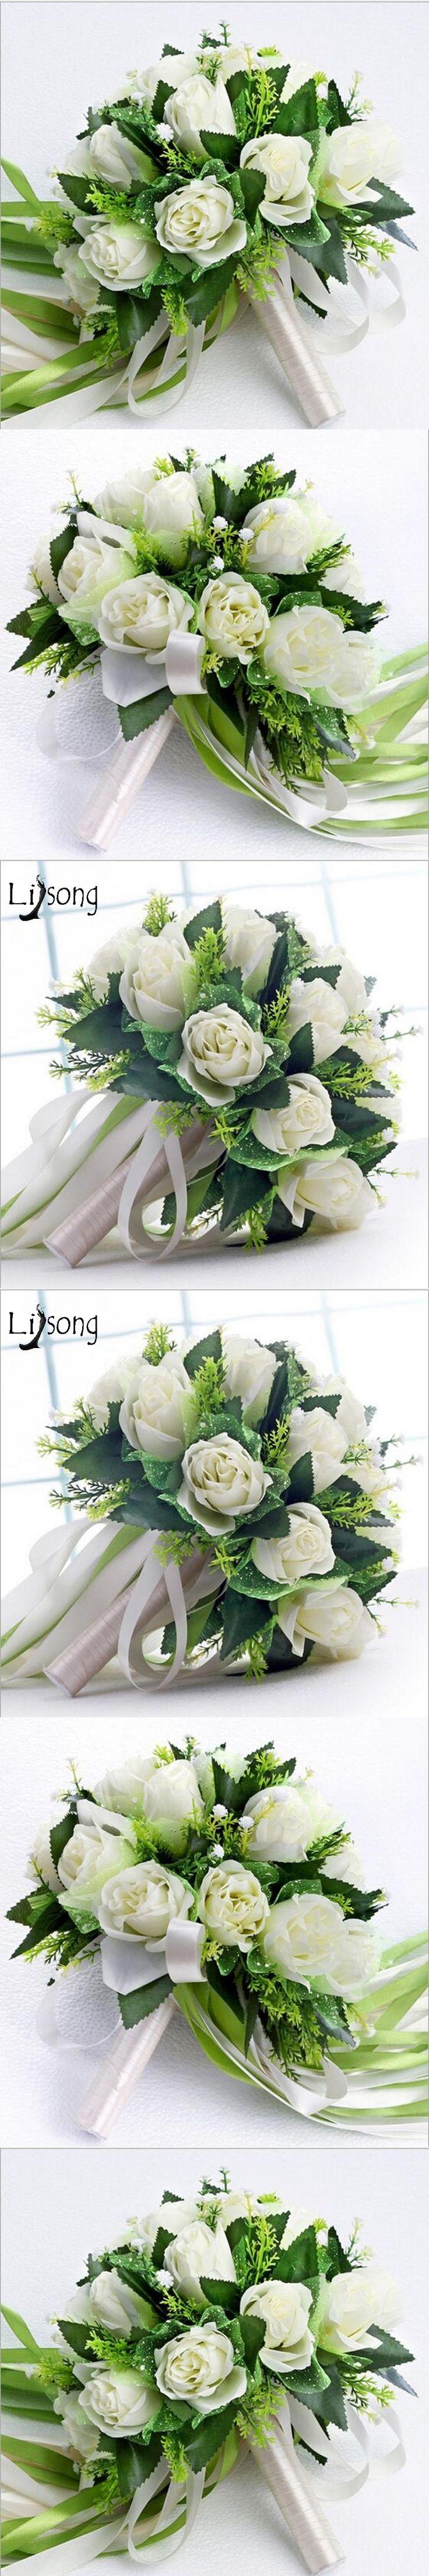 2017 Idyllic Wedding Bouquet Vinatge Buque De Boiva Modest 3D Flower With Leaf Rustic Bridal Bouquet Wedding Accessories